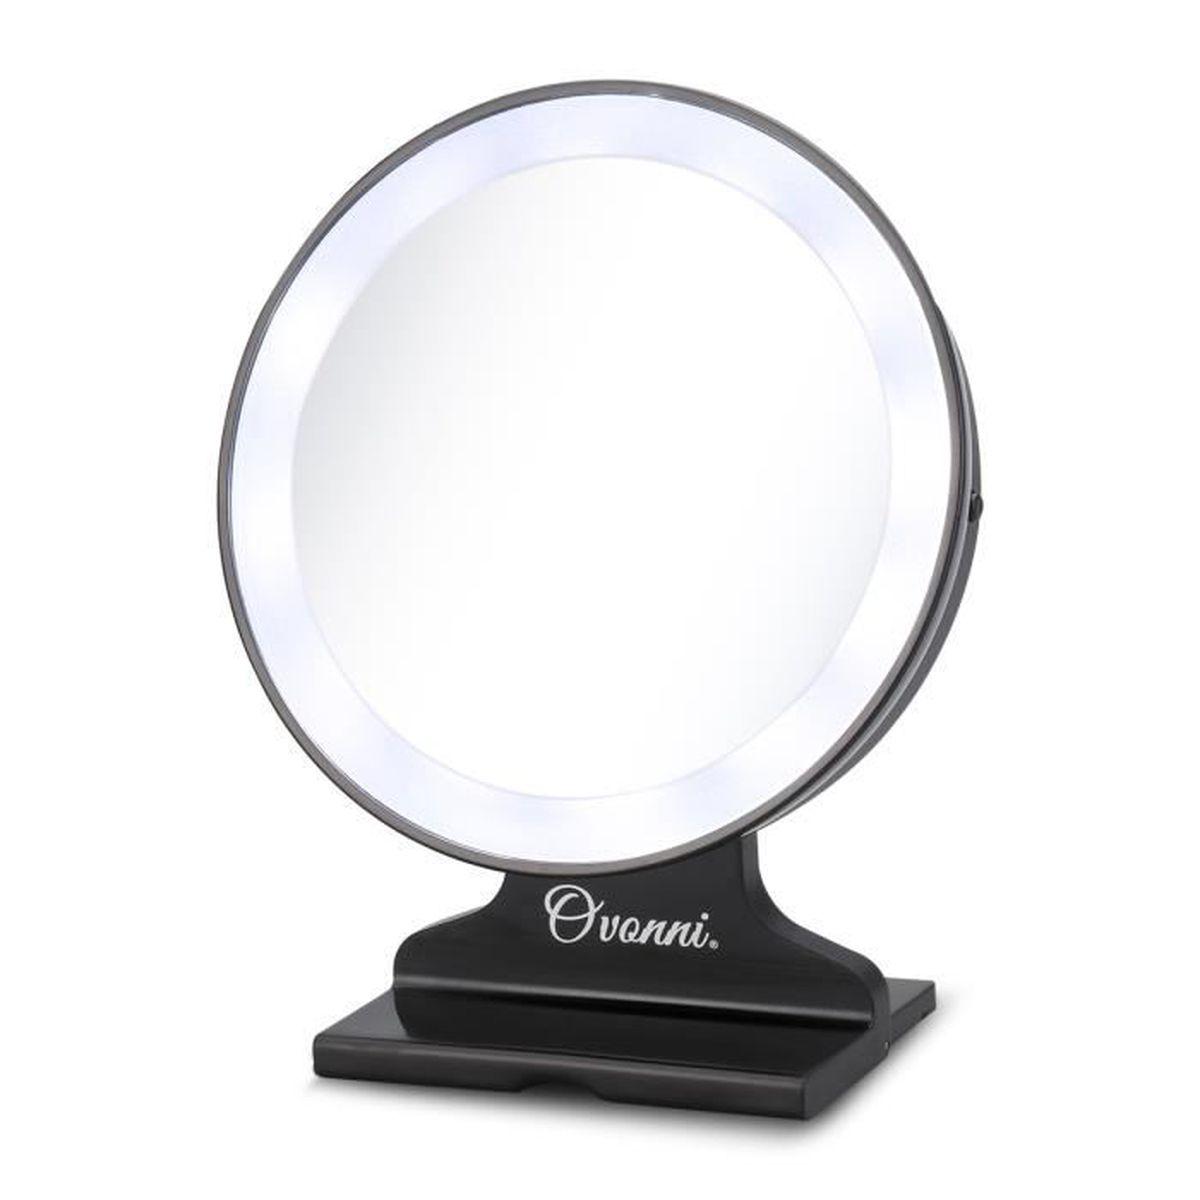 Ovonni 5x magnification led miroir cosm tique noir miroir for Miroir des envies